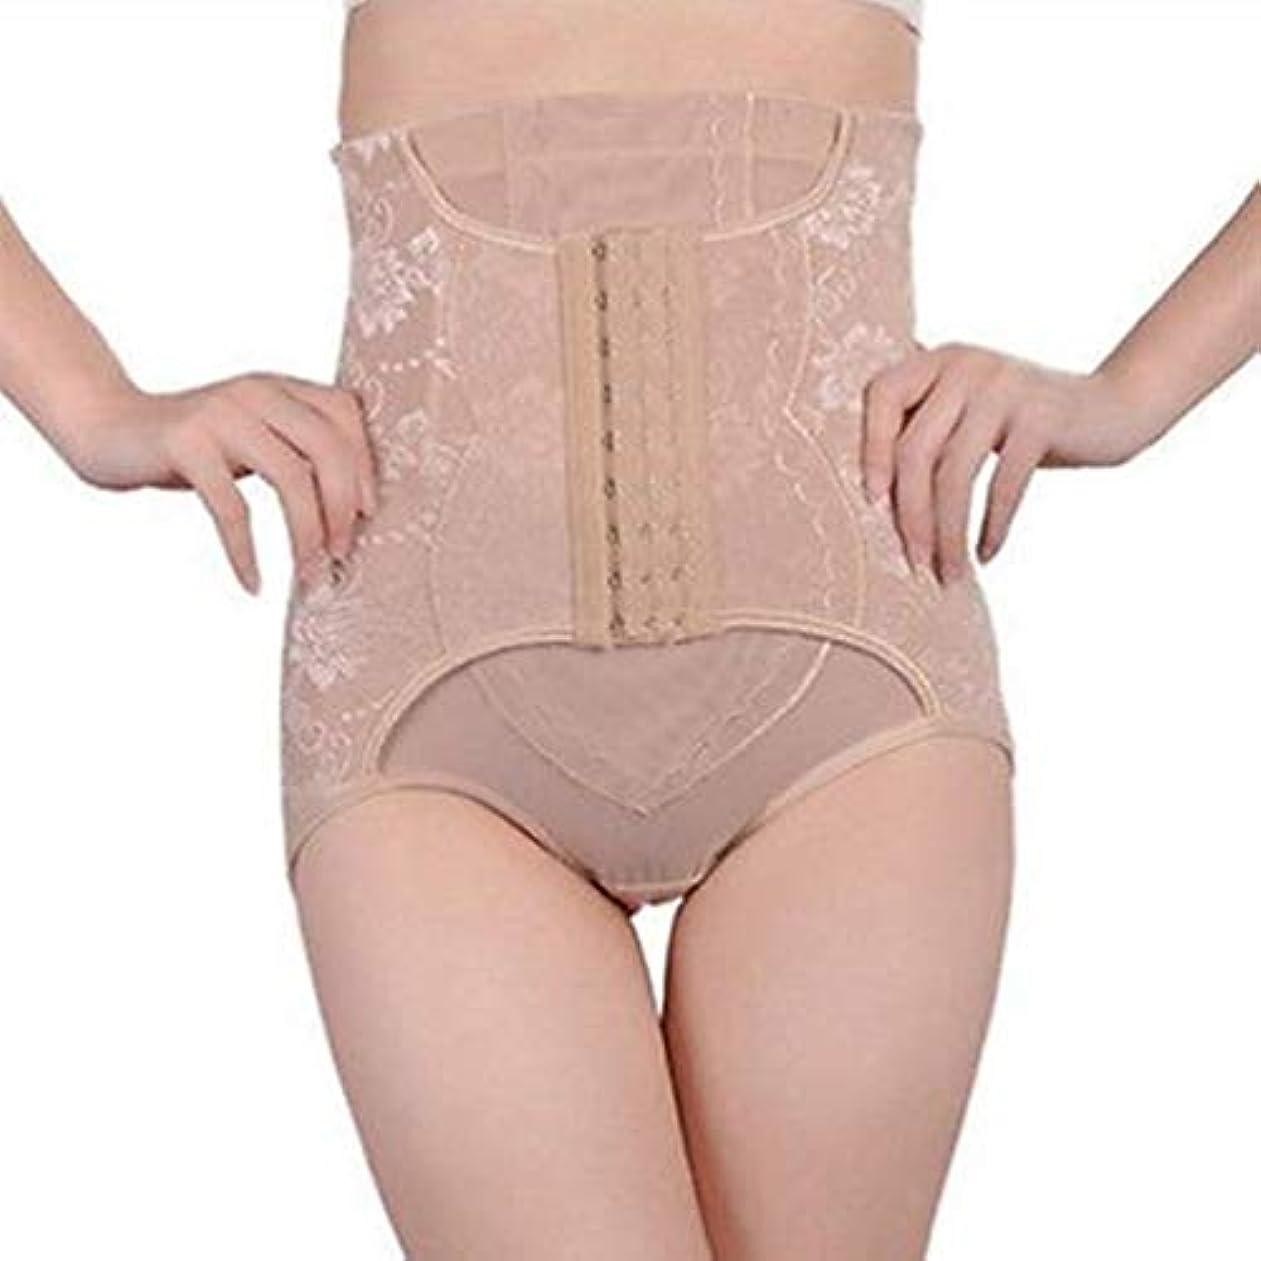 結論元に戻す配送通気性の女性ハイウエスト下着ボディおなかコントロールシェイプウェアパンティスリム腹部ヒップバムリフター下着 - 肌XL